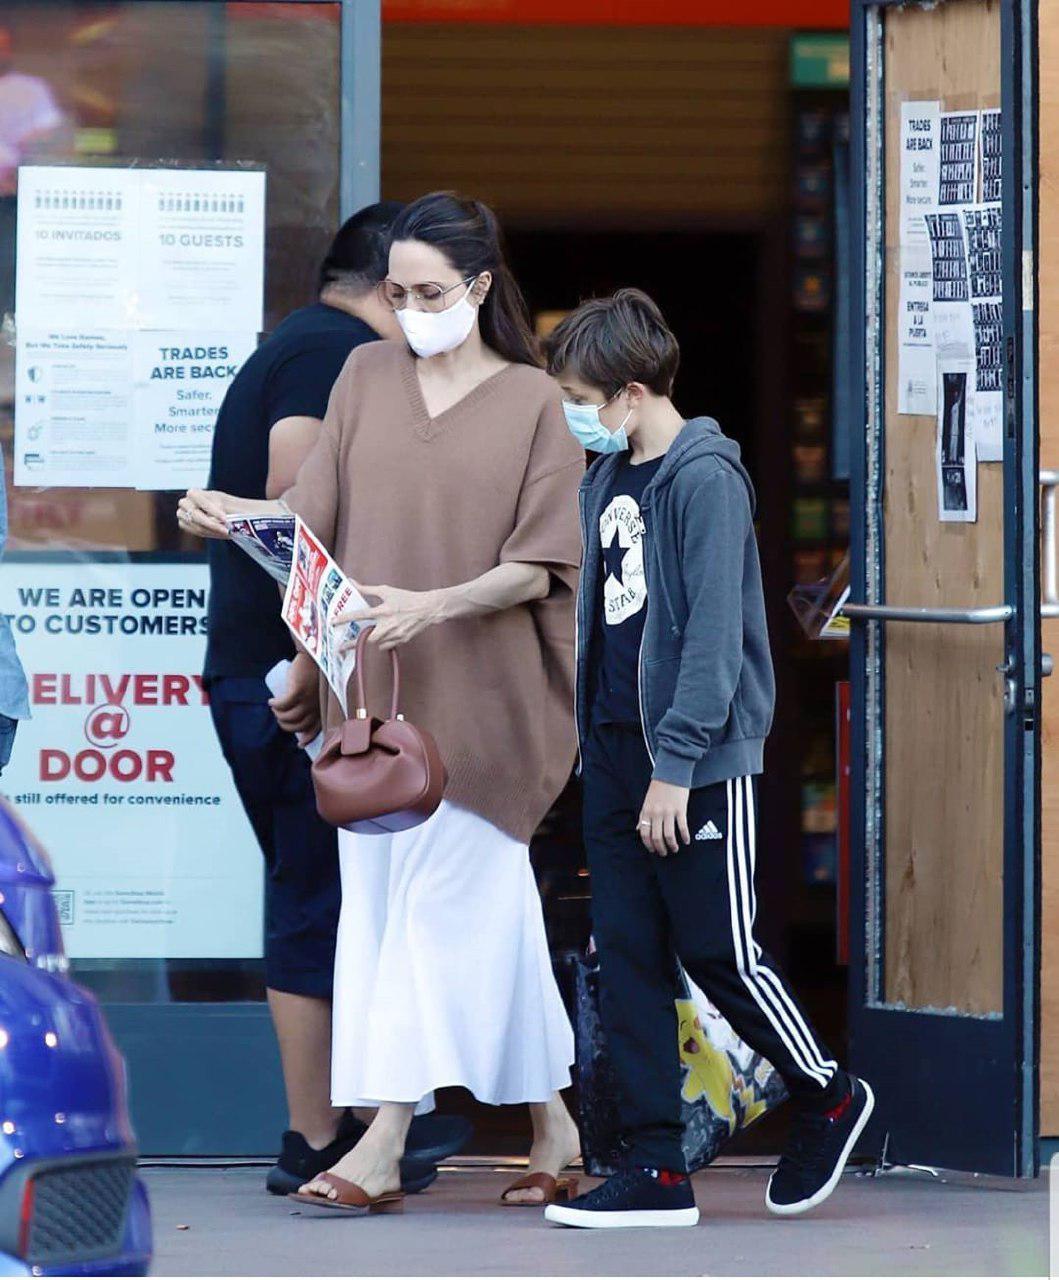 آنجلینا جولی و پسرش در حال خرید با ماسک